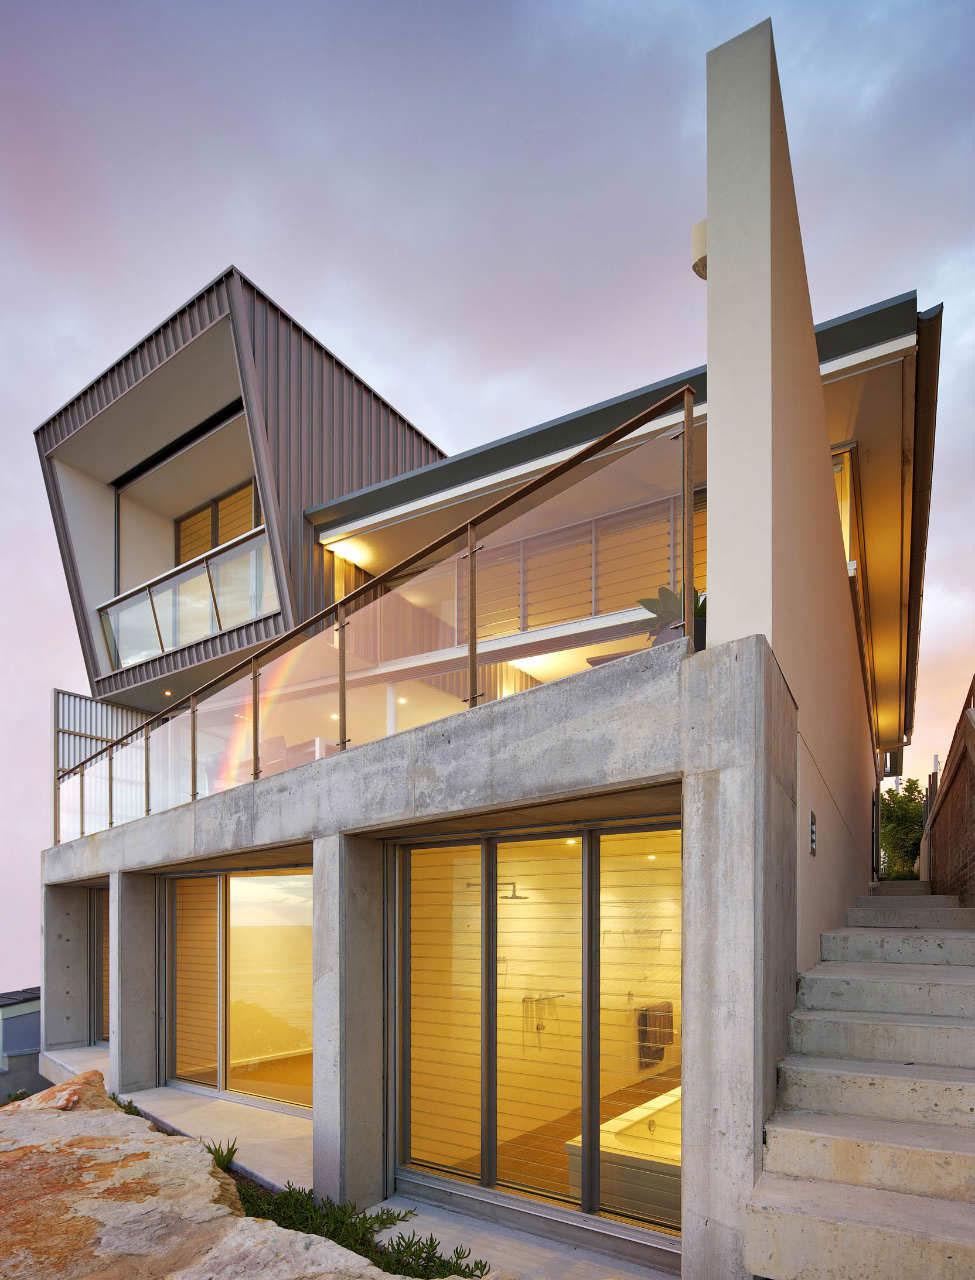 Queenscliff-House-by-Utz-Sanby-Architects australisk arkitektur och några vackra hus för att inspirera dig